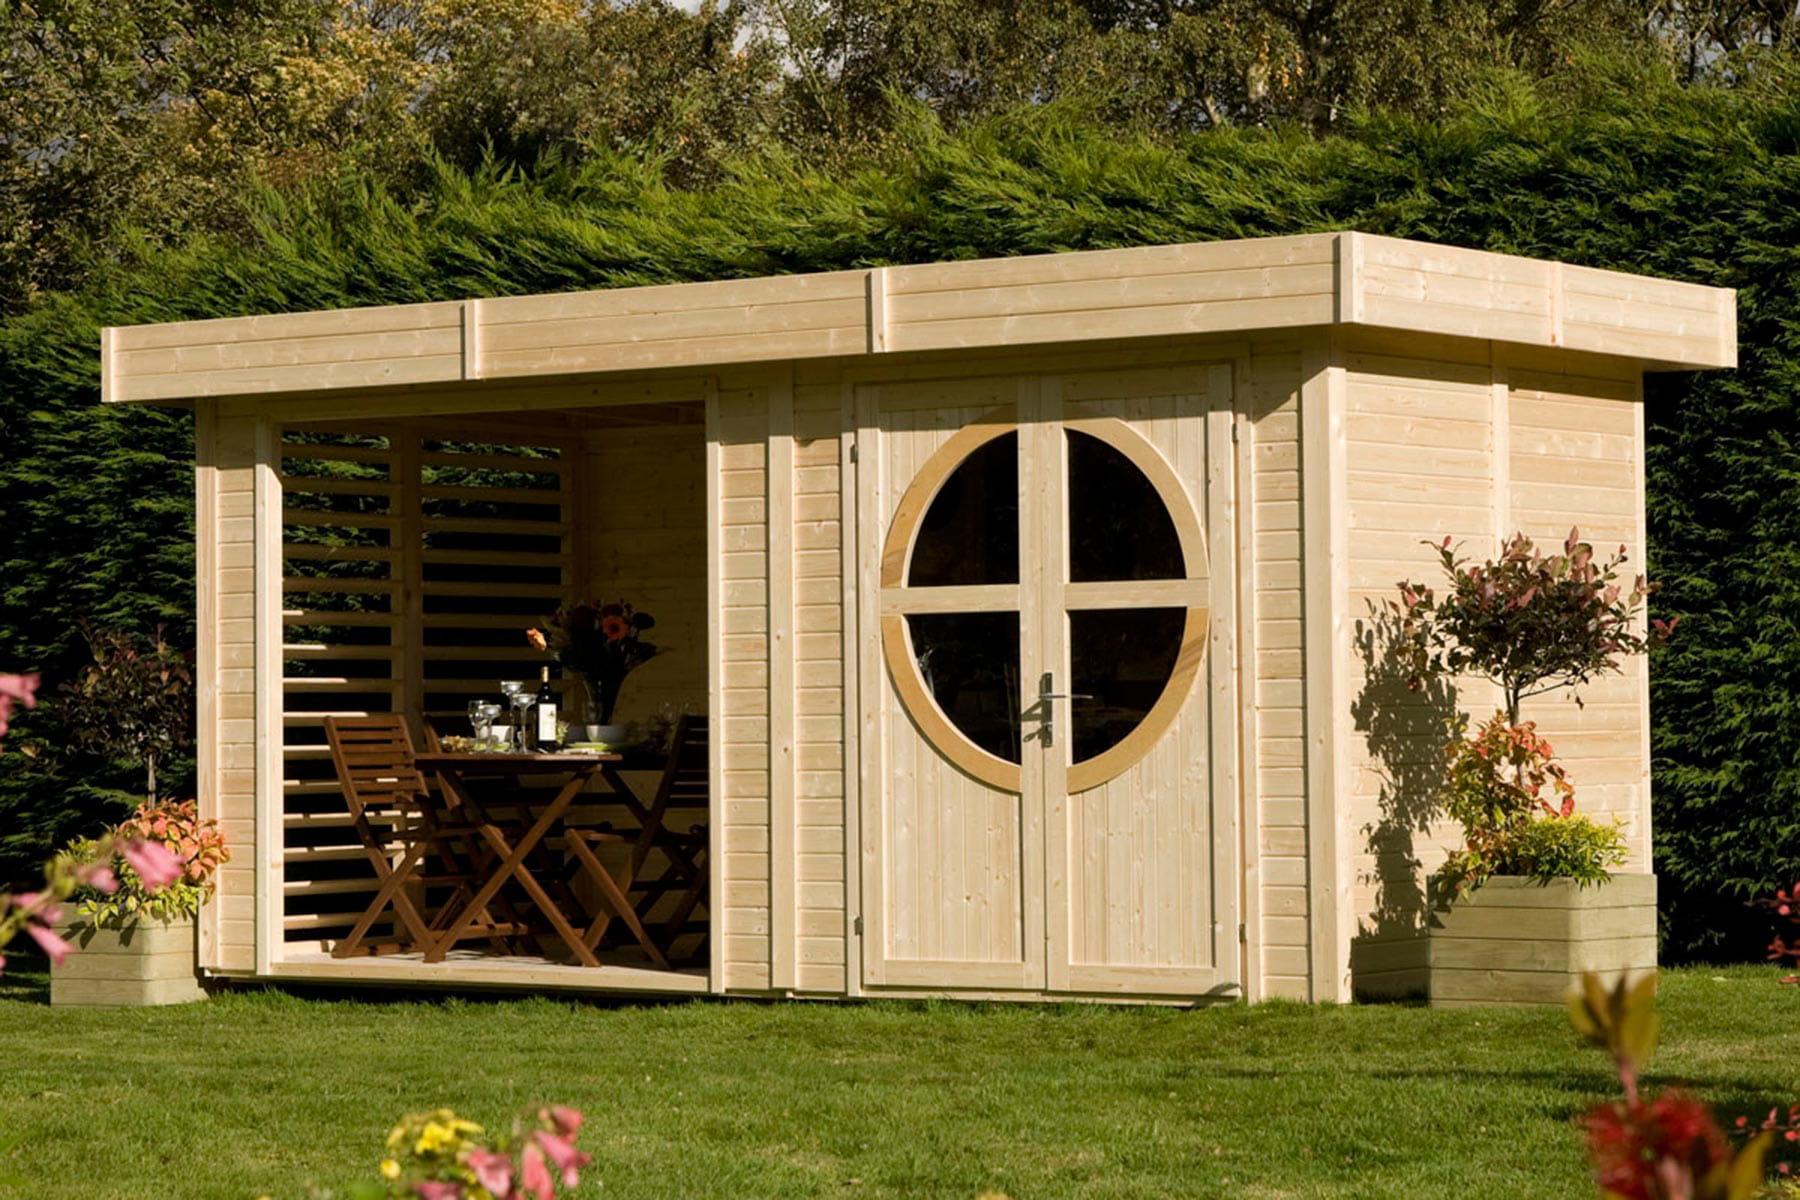 Des abris et cabanes de jardin modernes et d co linternaute - Abris de jardin original ...